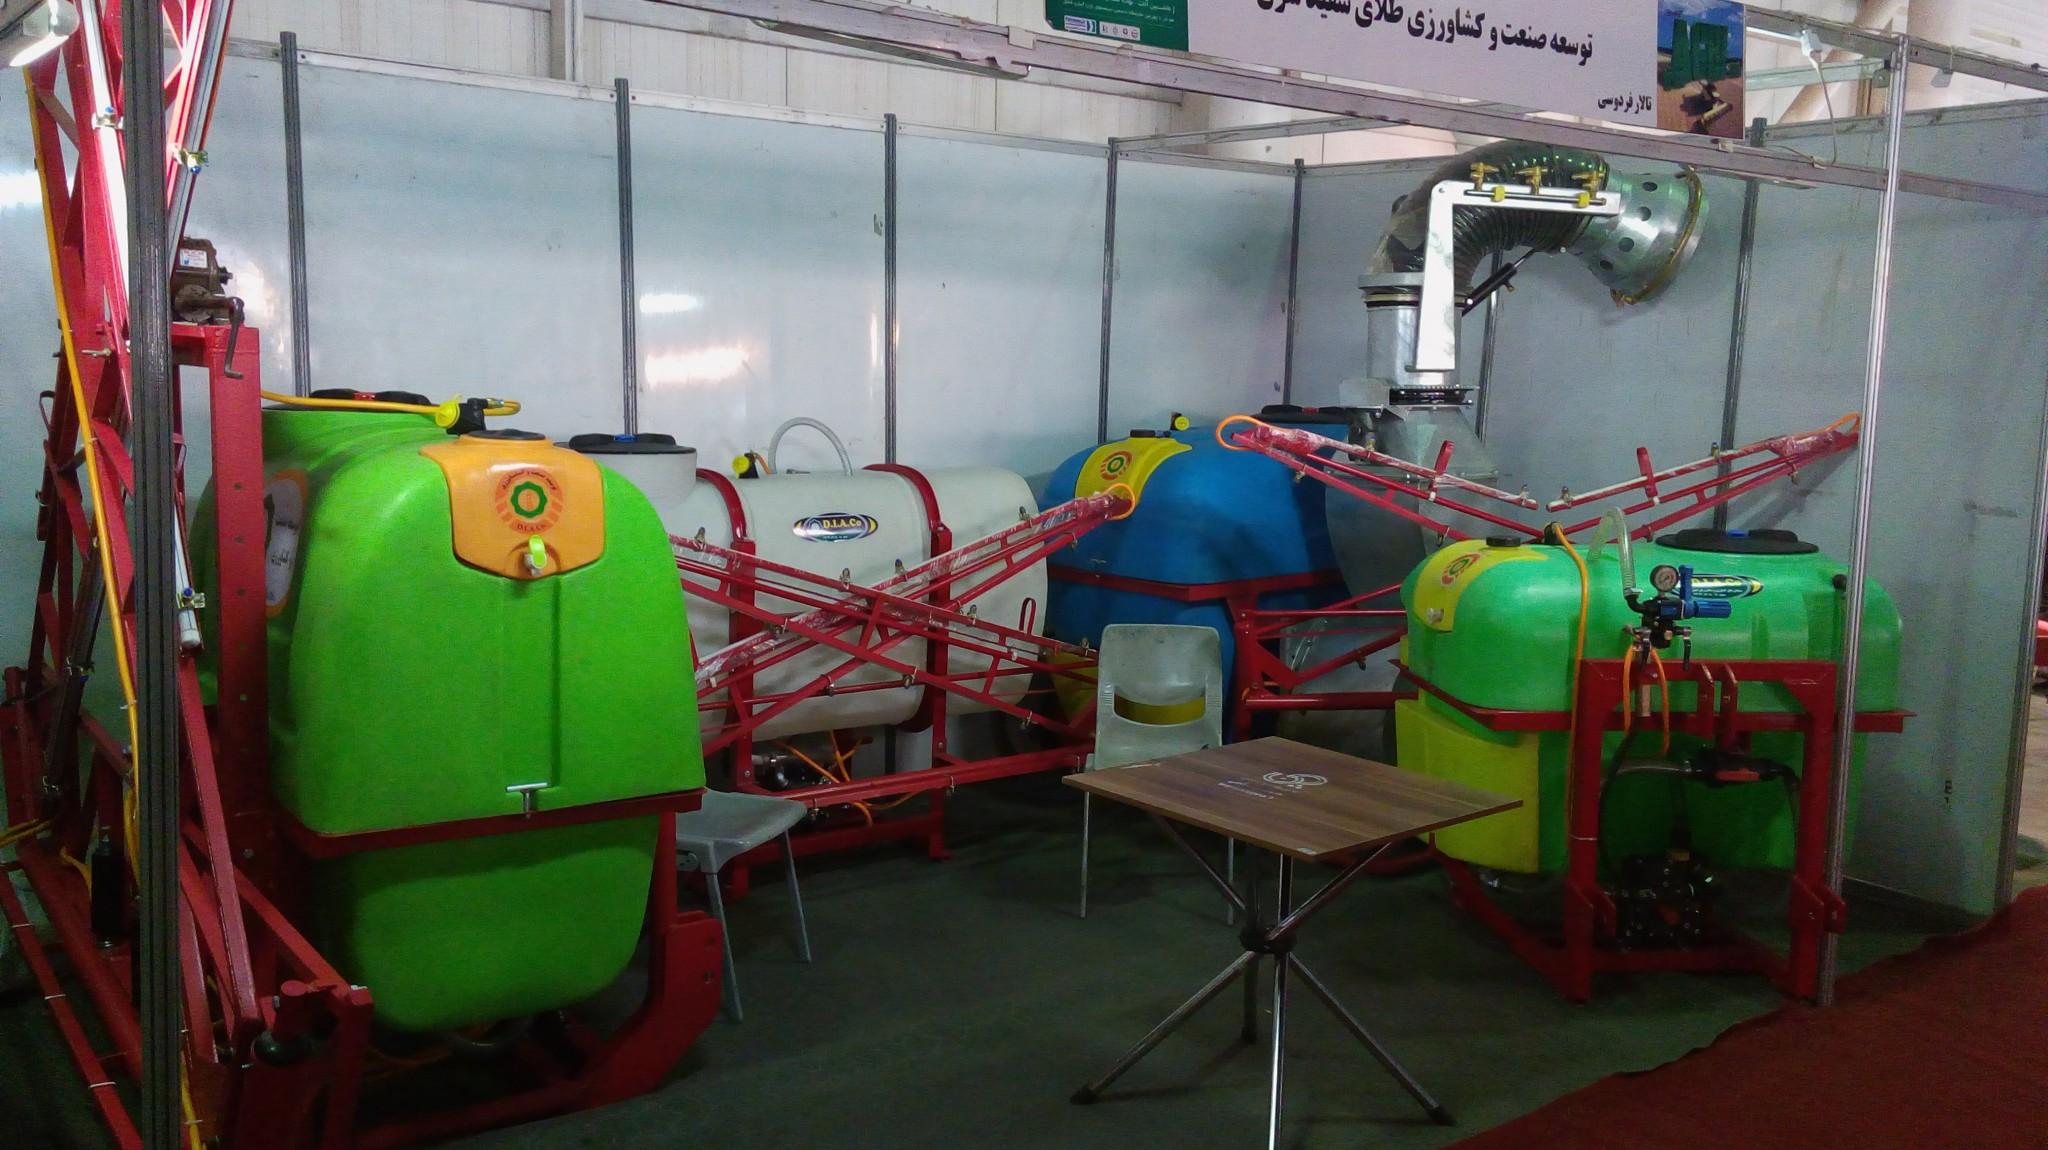 غرفه شرکت توسعه طلای سپید شرق در نمایشگاه بین المللی مشهد